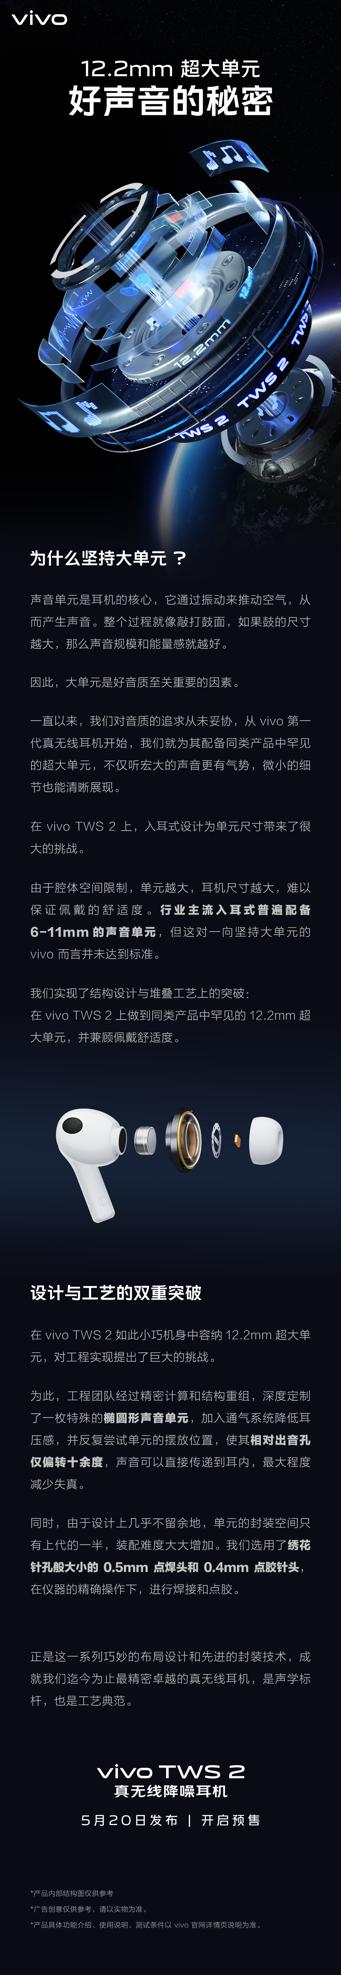 vivo TWS 2真无线降噪耳机搭载12.2mm超大单元,声音表现非常值得期待